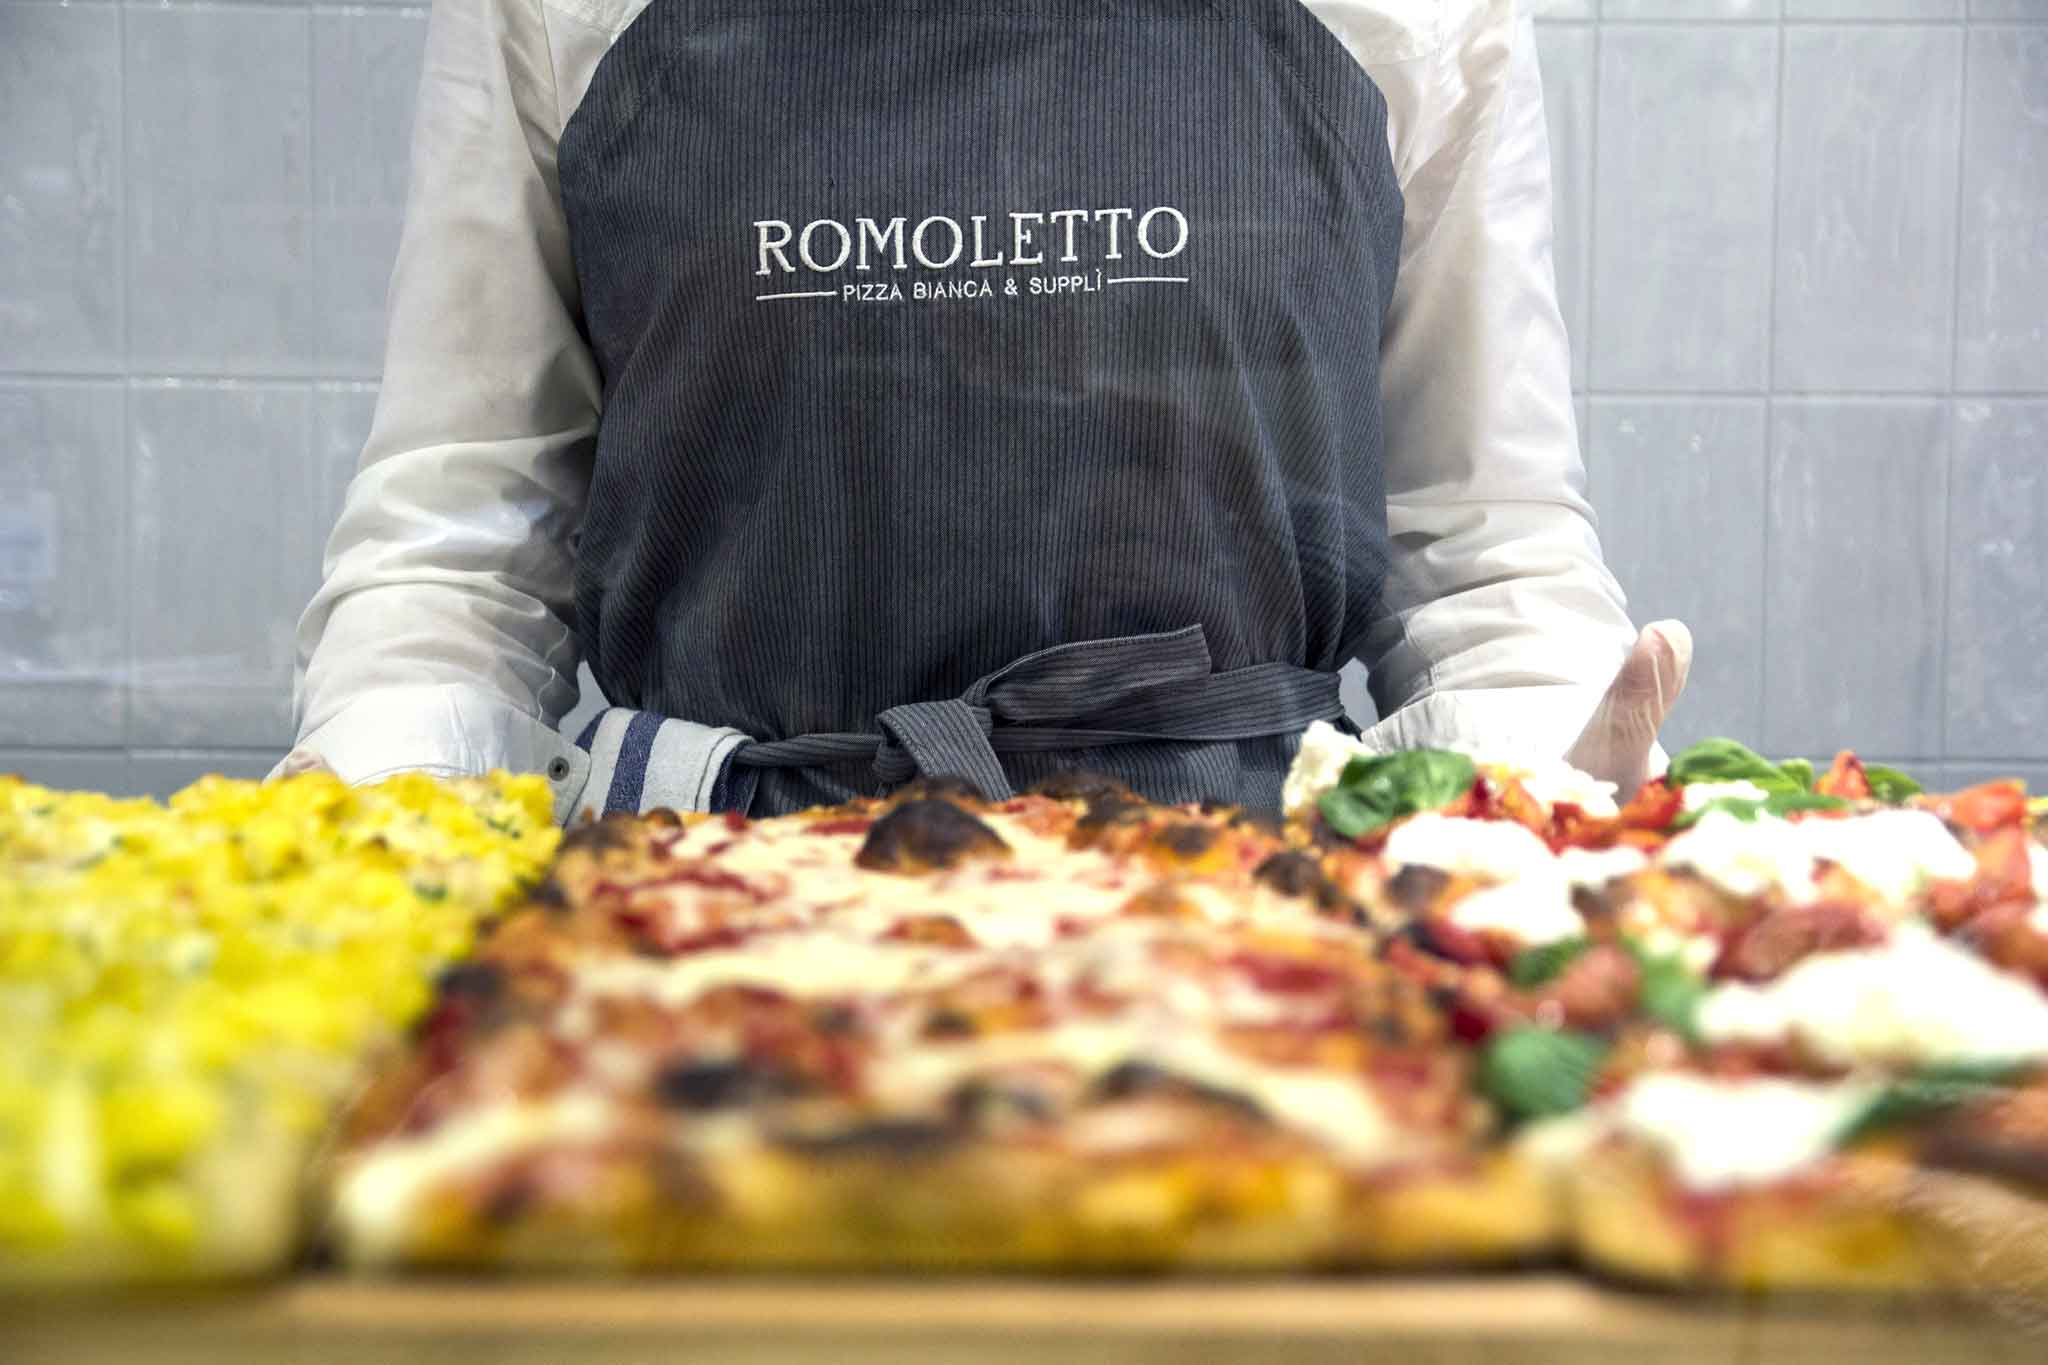 Roma le 11 pizze che spiegano perch berber ambisce al - Ikea porta di roma telefono 06 ...